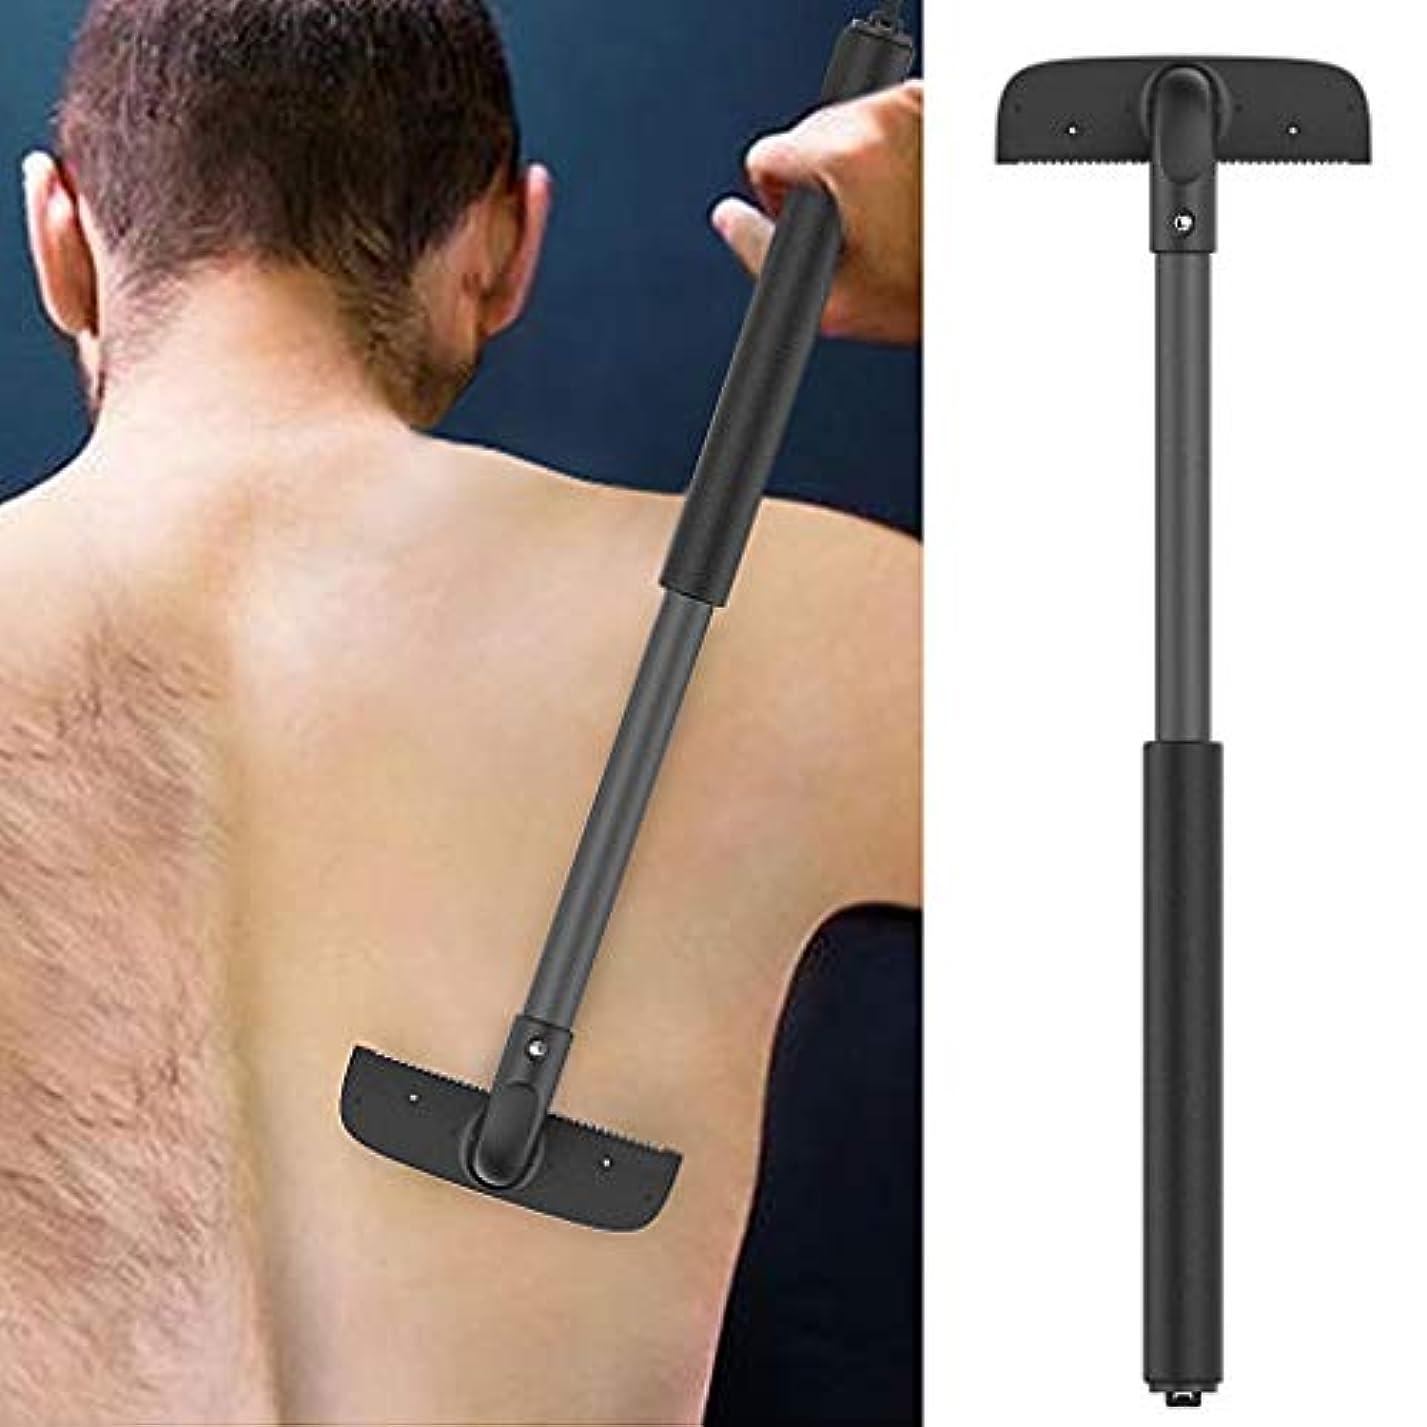 ラフ睡眠部屋を掃除する不信Back Hair Removal And Body Shaver、バックヘアとボディシェーバー、男性のための剃刀、調節可能なハンドル、伸縮可能なトリマー剃刀脱毛装置 除毛 ムダ毛処理